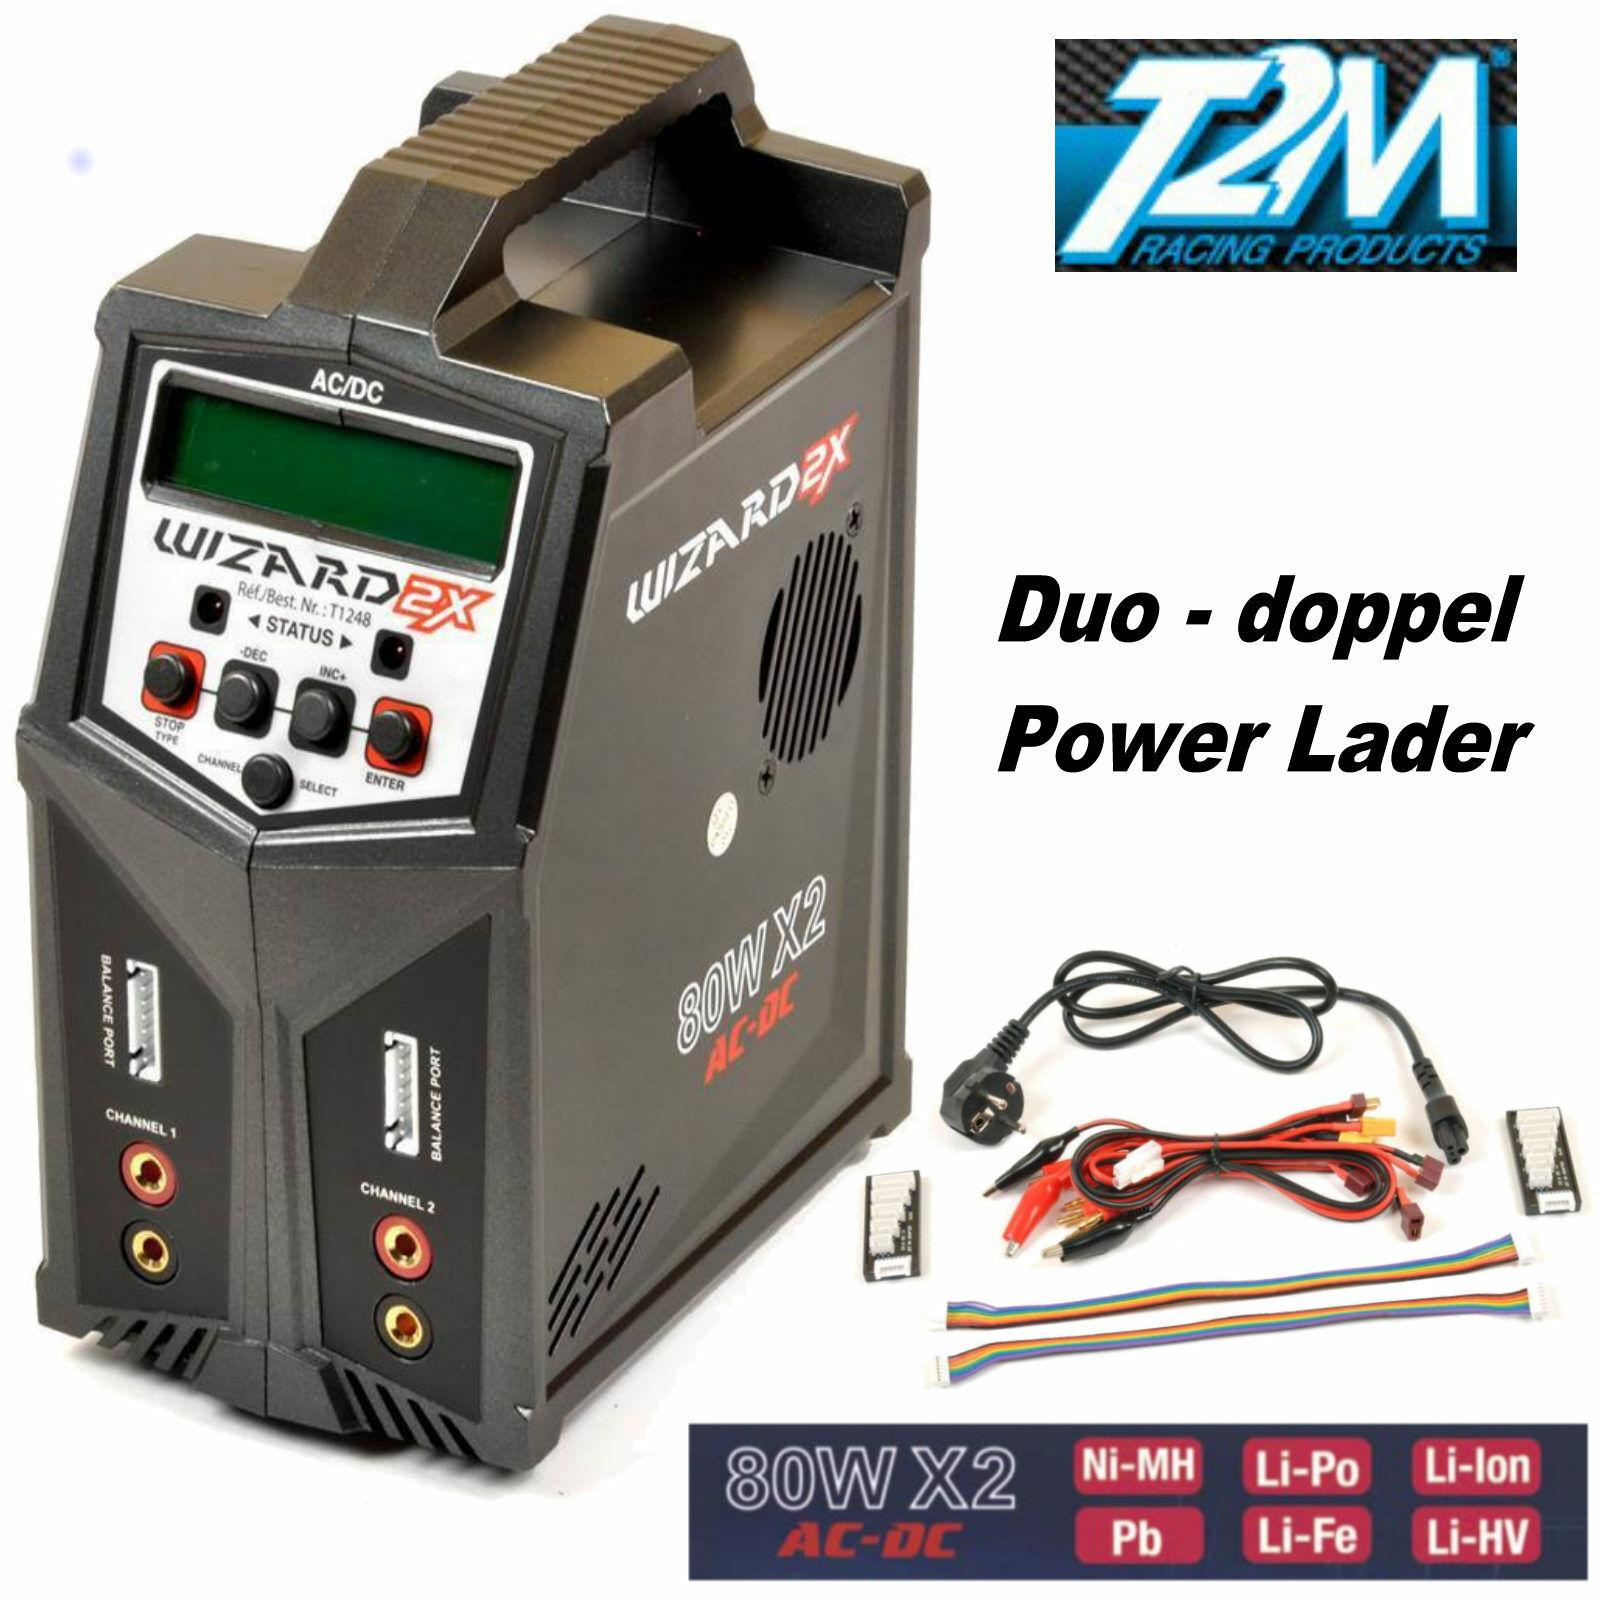 T2M Wizard X2 Power Ladegerät 80 Duo AC-DC 2 x 80 Watt T1248  DAS ORGINAL